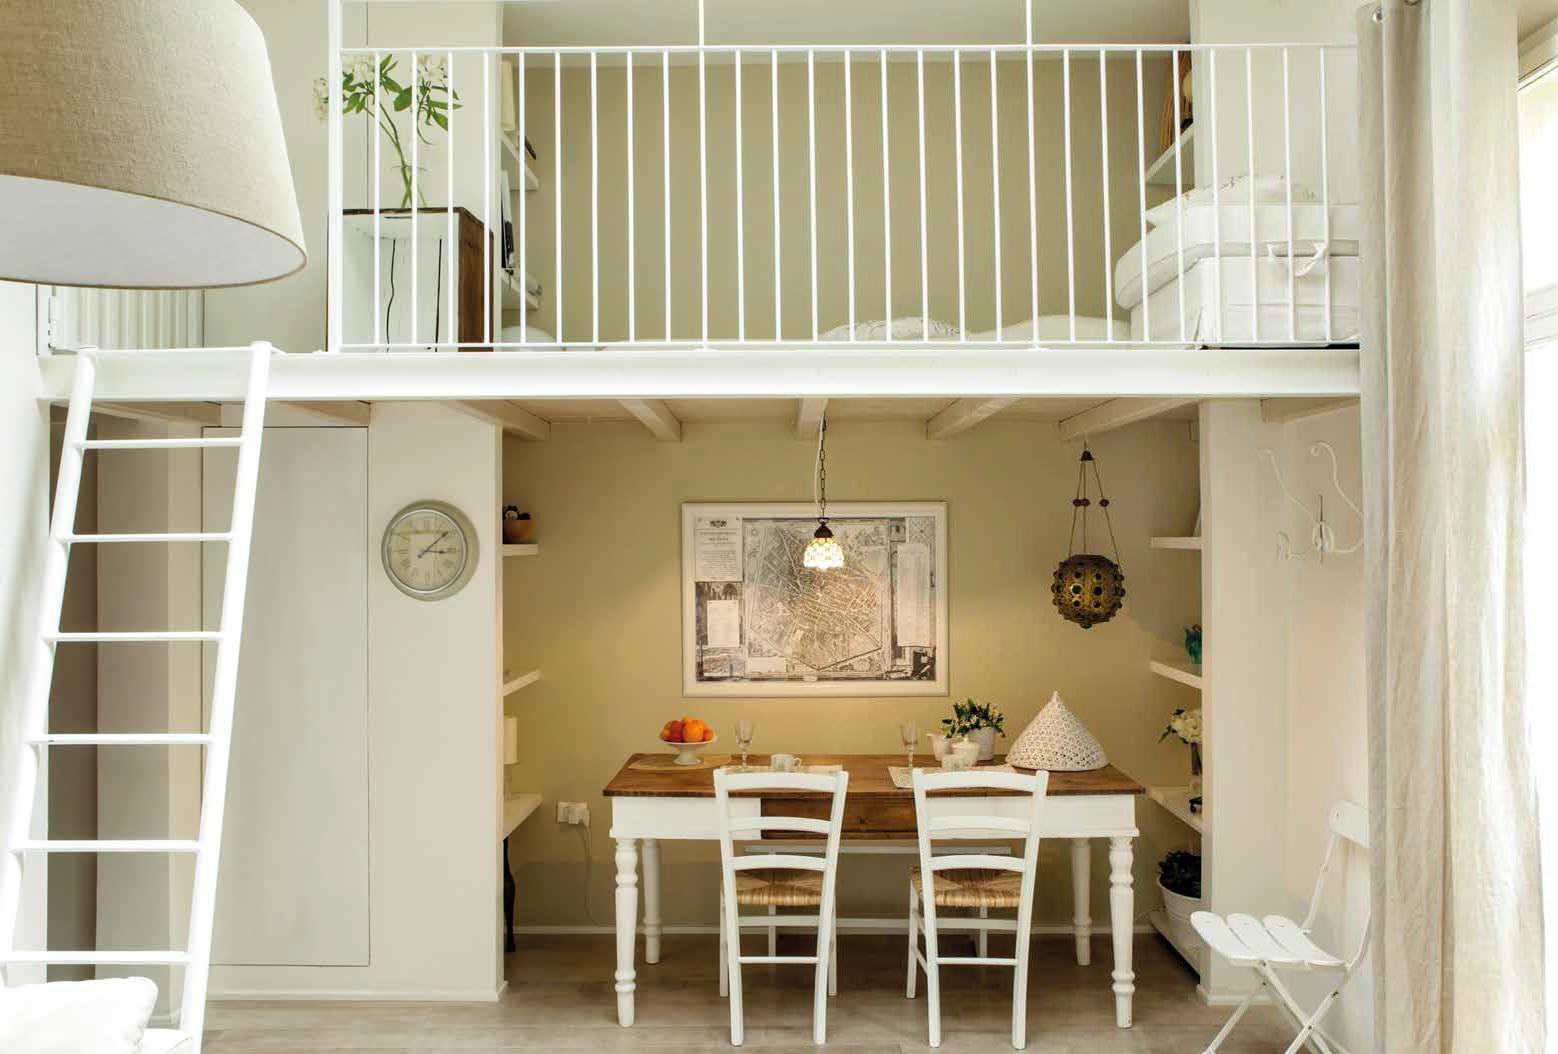 Casa piccola la scelta verticale ville casali - Piccola palestra in casa ...